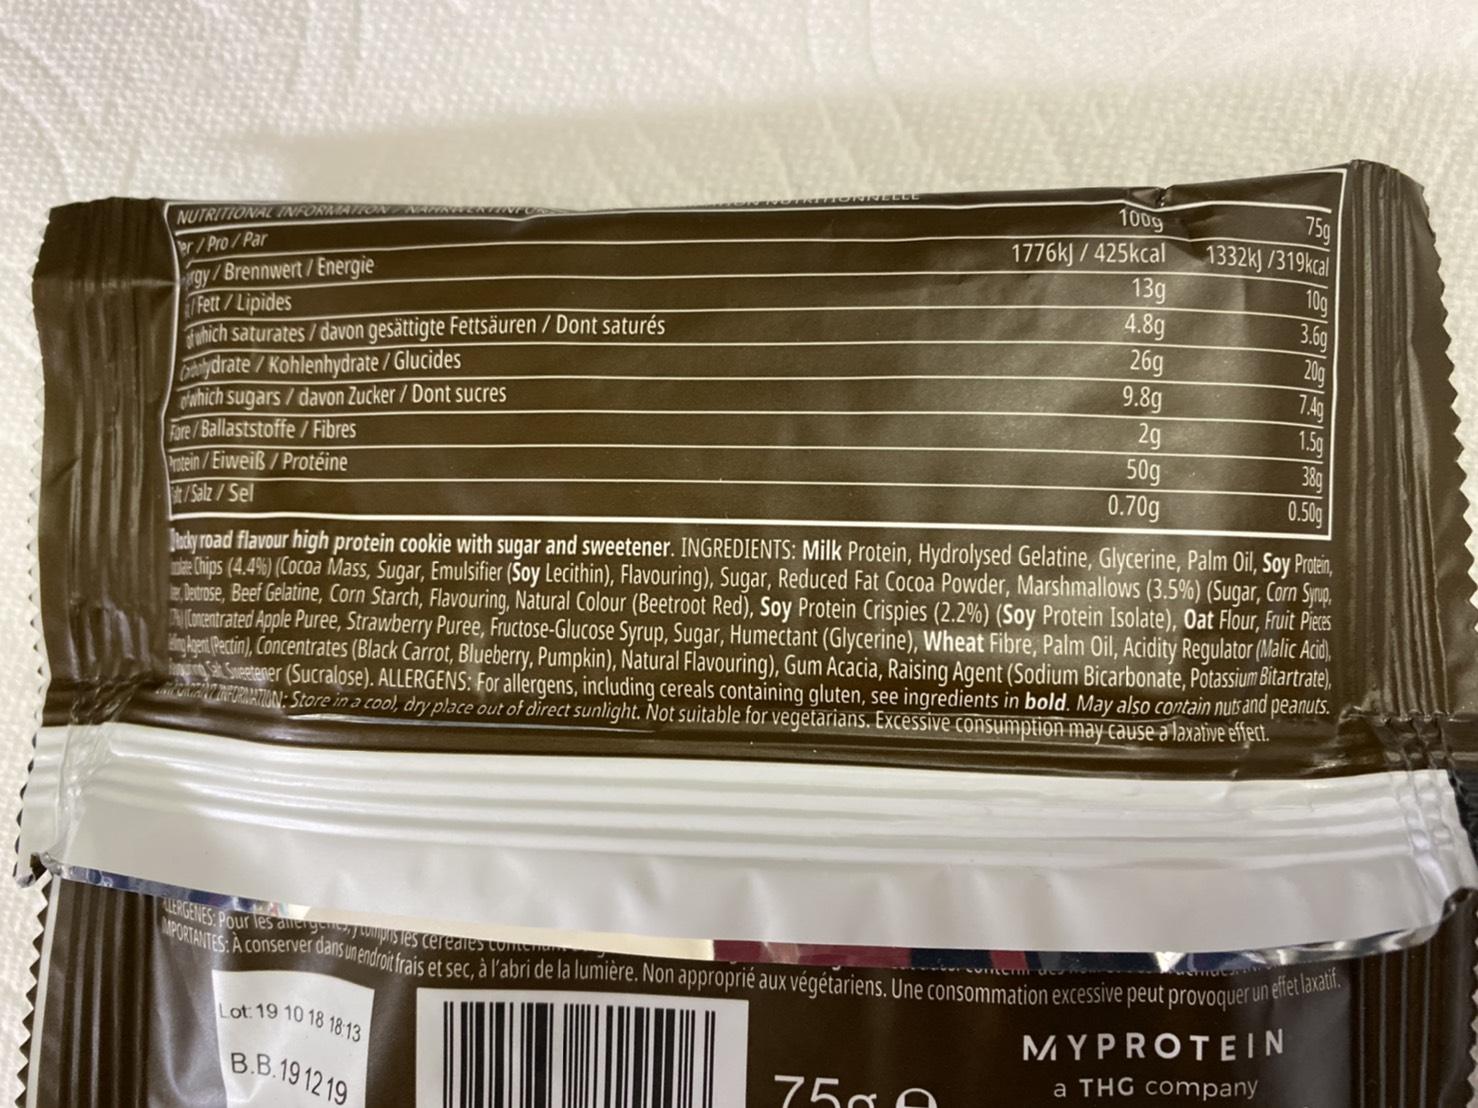 ロッキーロード味の成分表